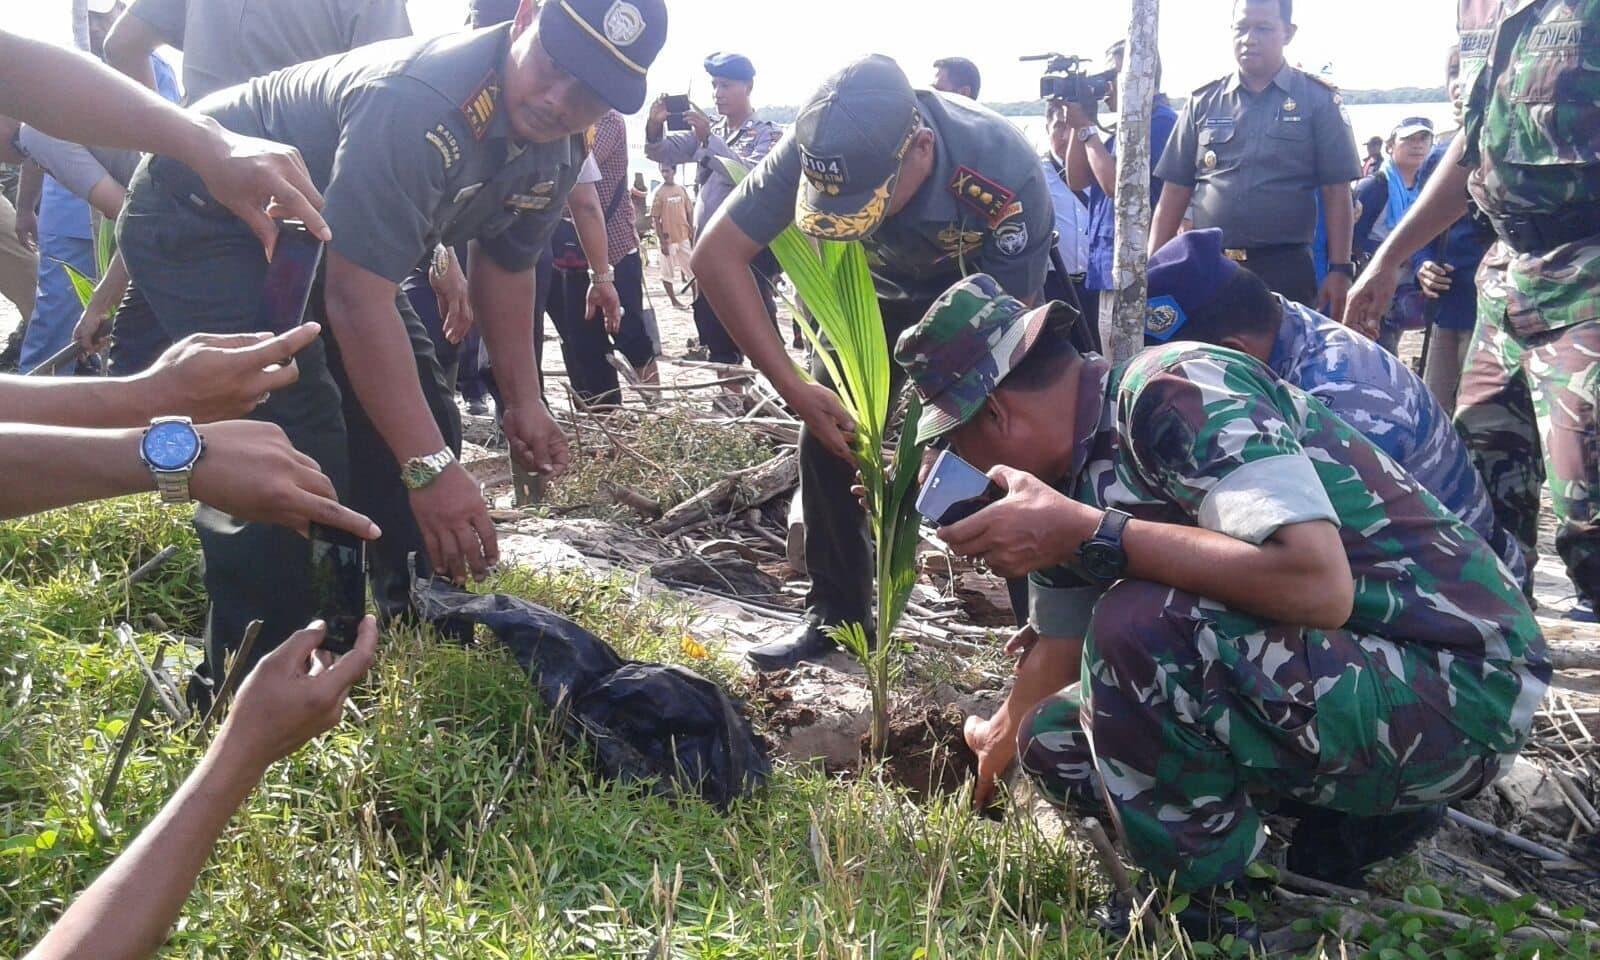 Dandim 0104/Atim Bersama Bupatih Aceh Tamiang Tanam 5000 Pohon Kelapa Genja